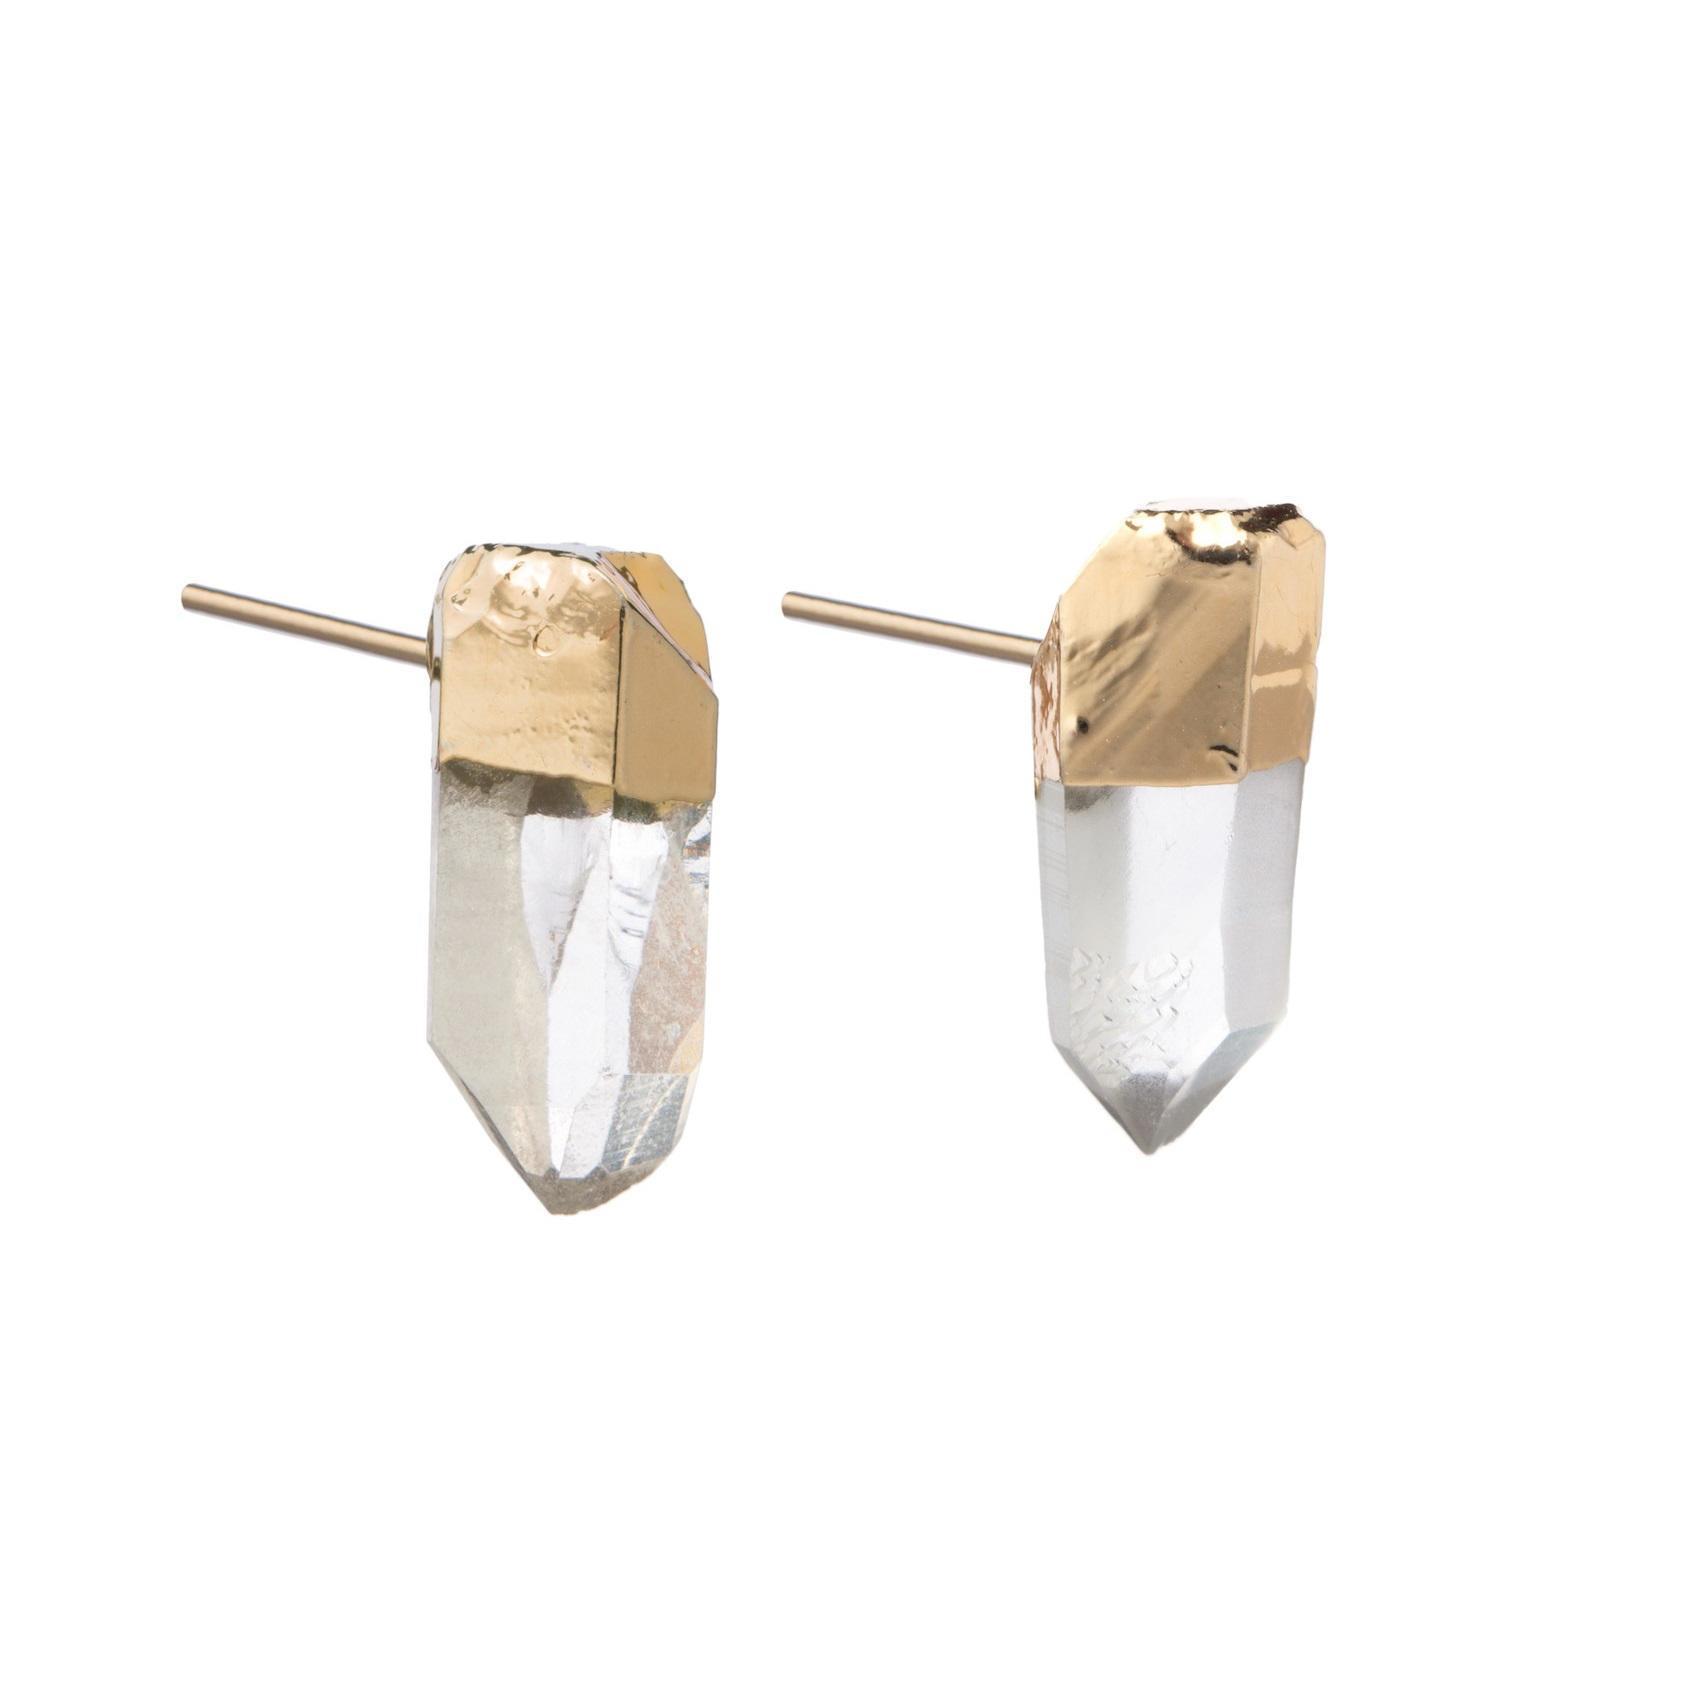 DECADORN Náušnice Mini Raw Point Clear Quartz/Gold, zlatá barva, čirá barva, kov, kámen